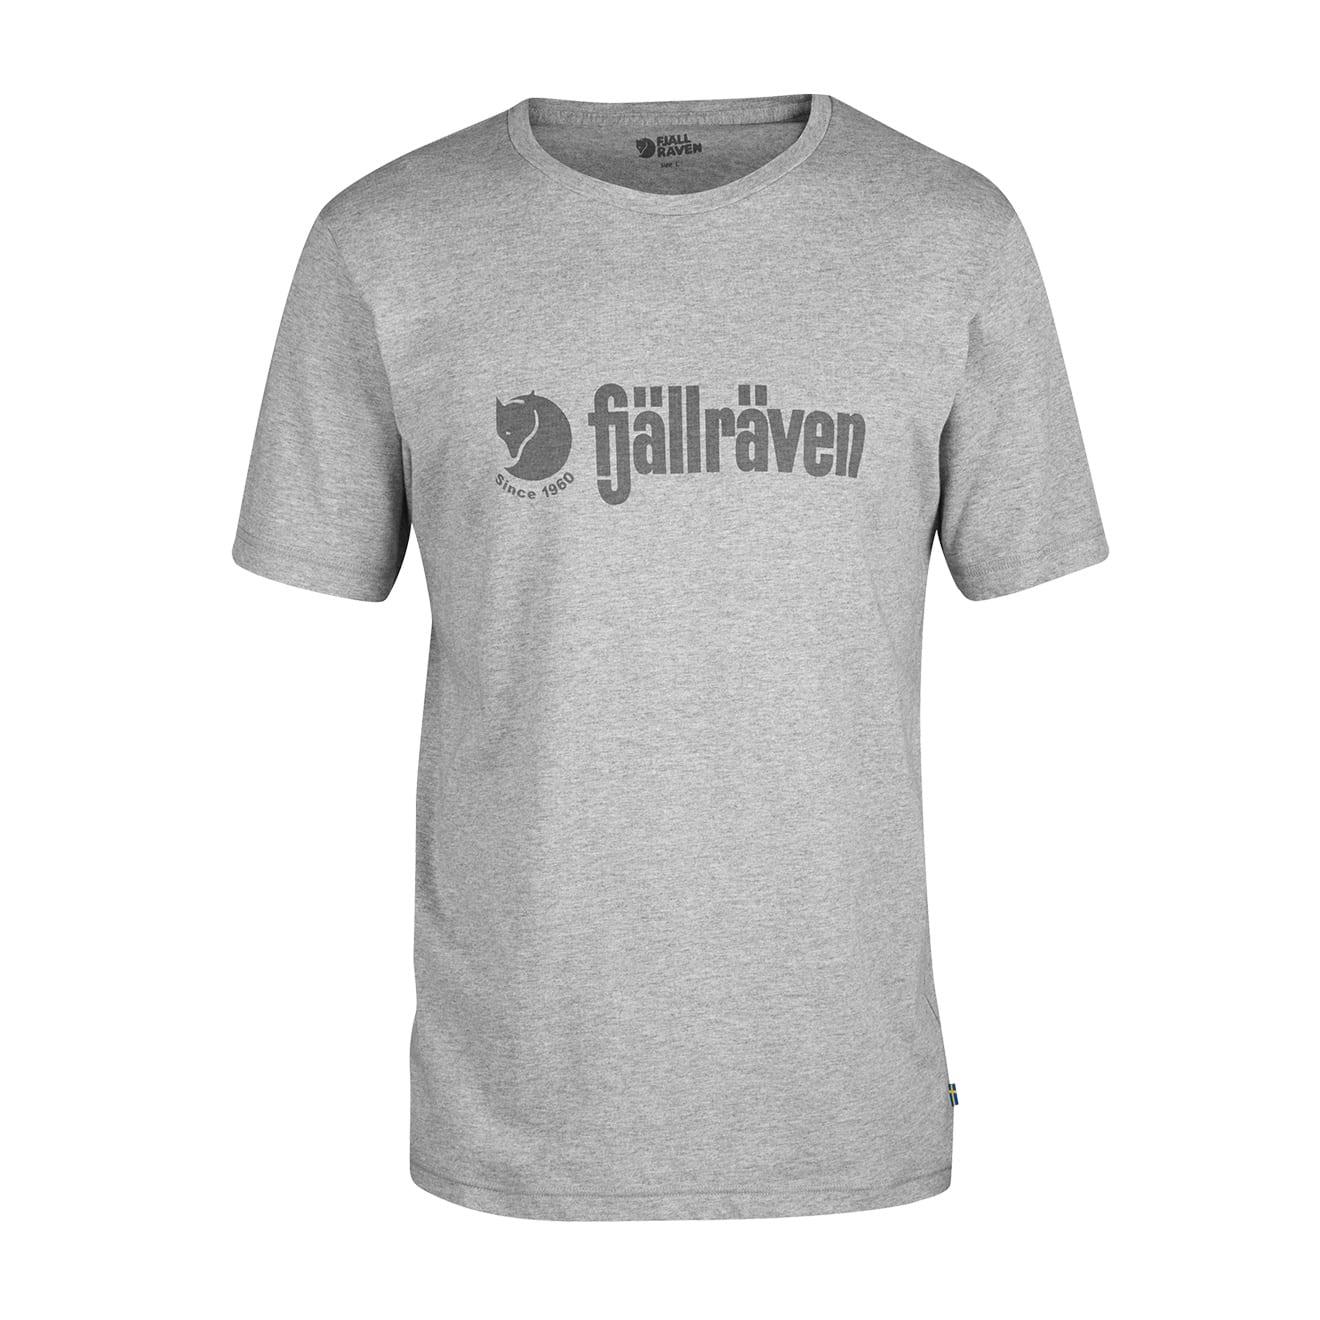 Fjallraven Retro T Shirt The Sporting Lodge